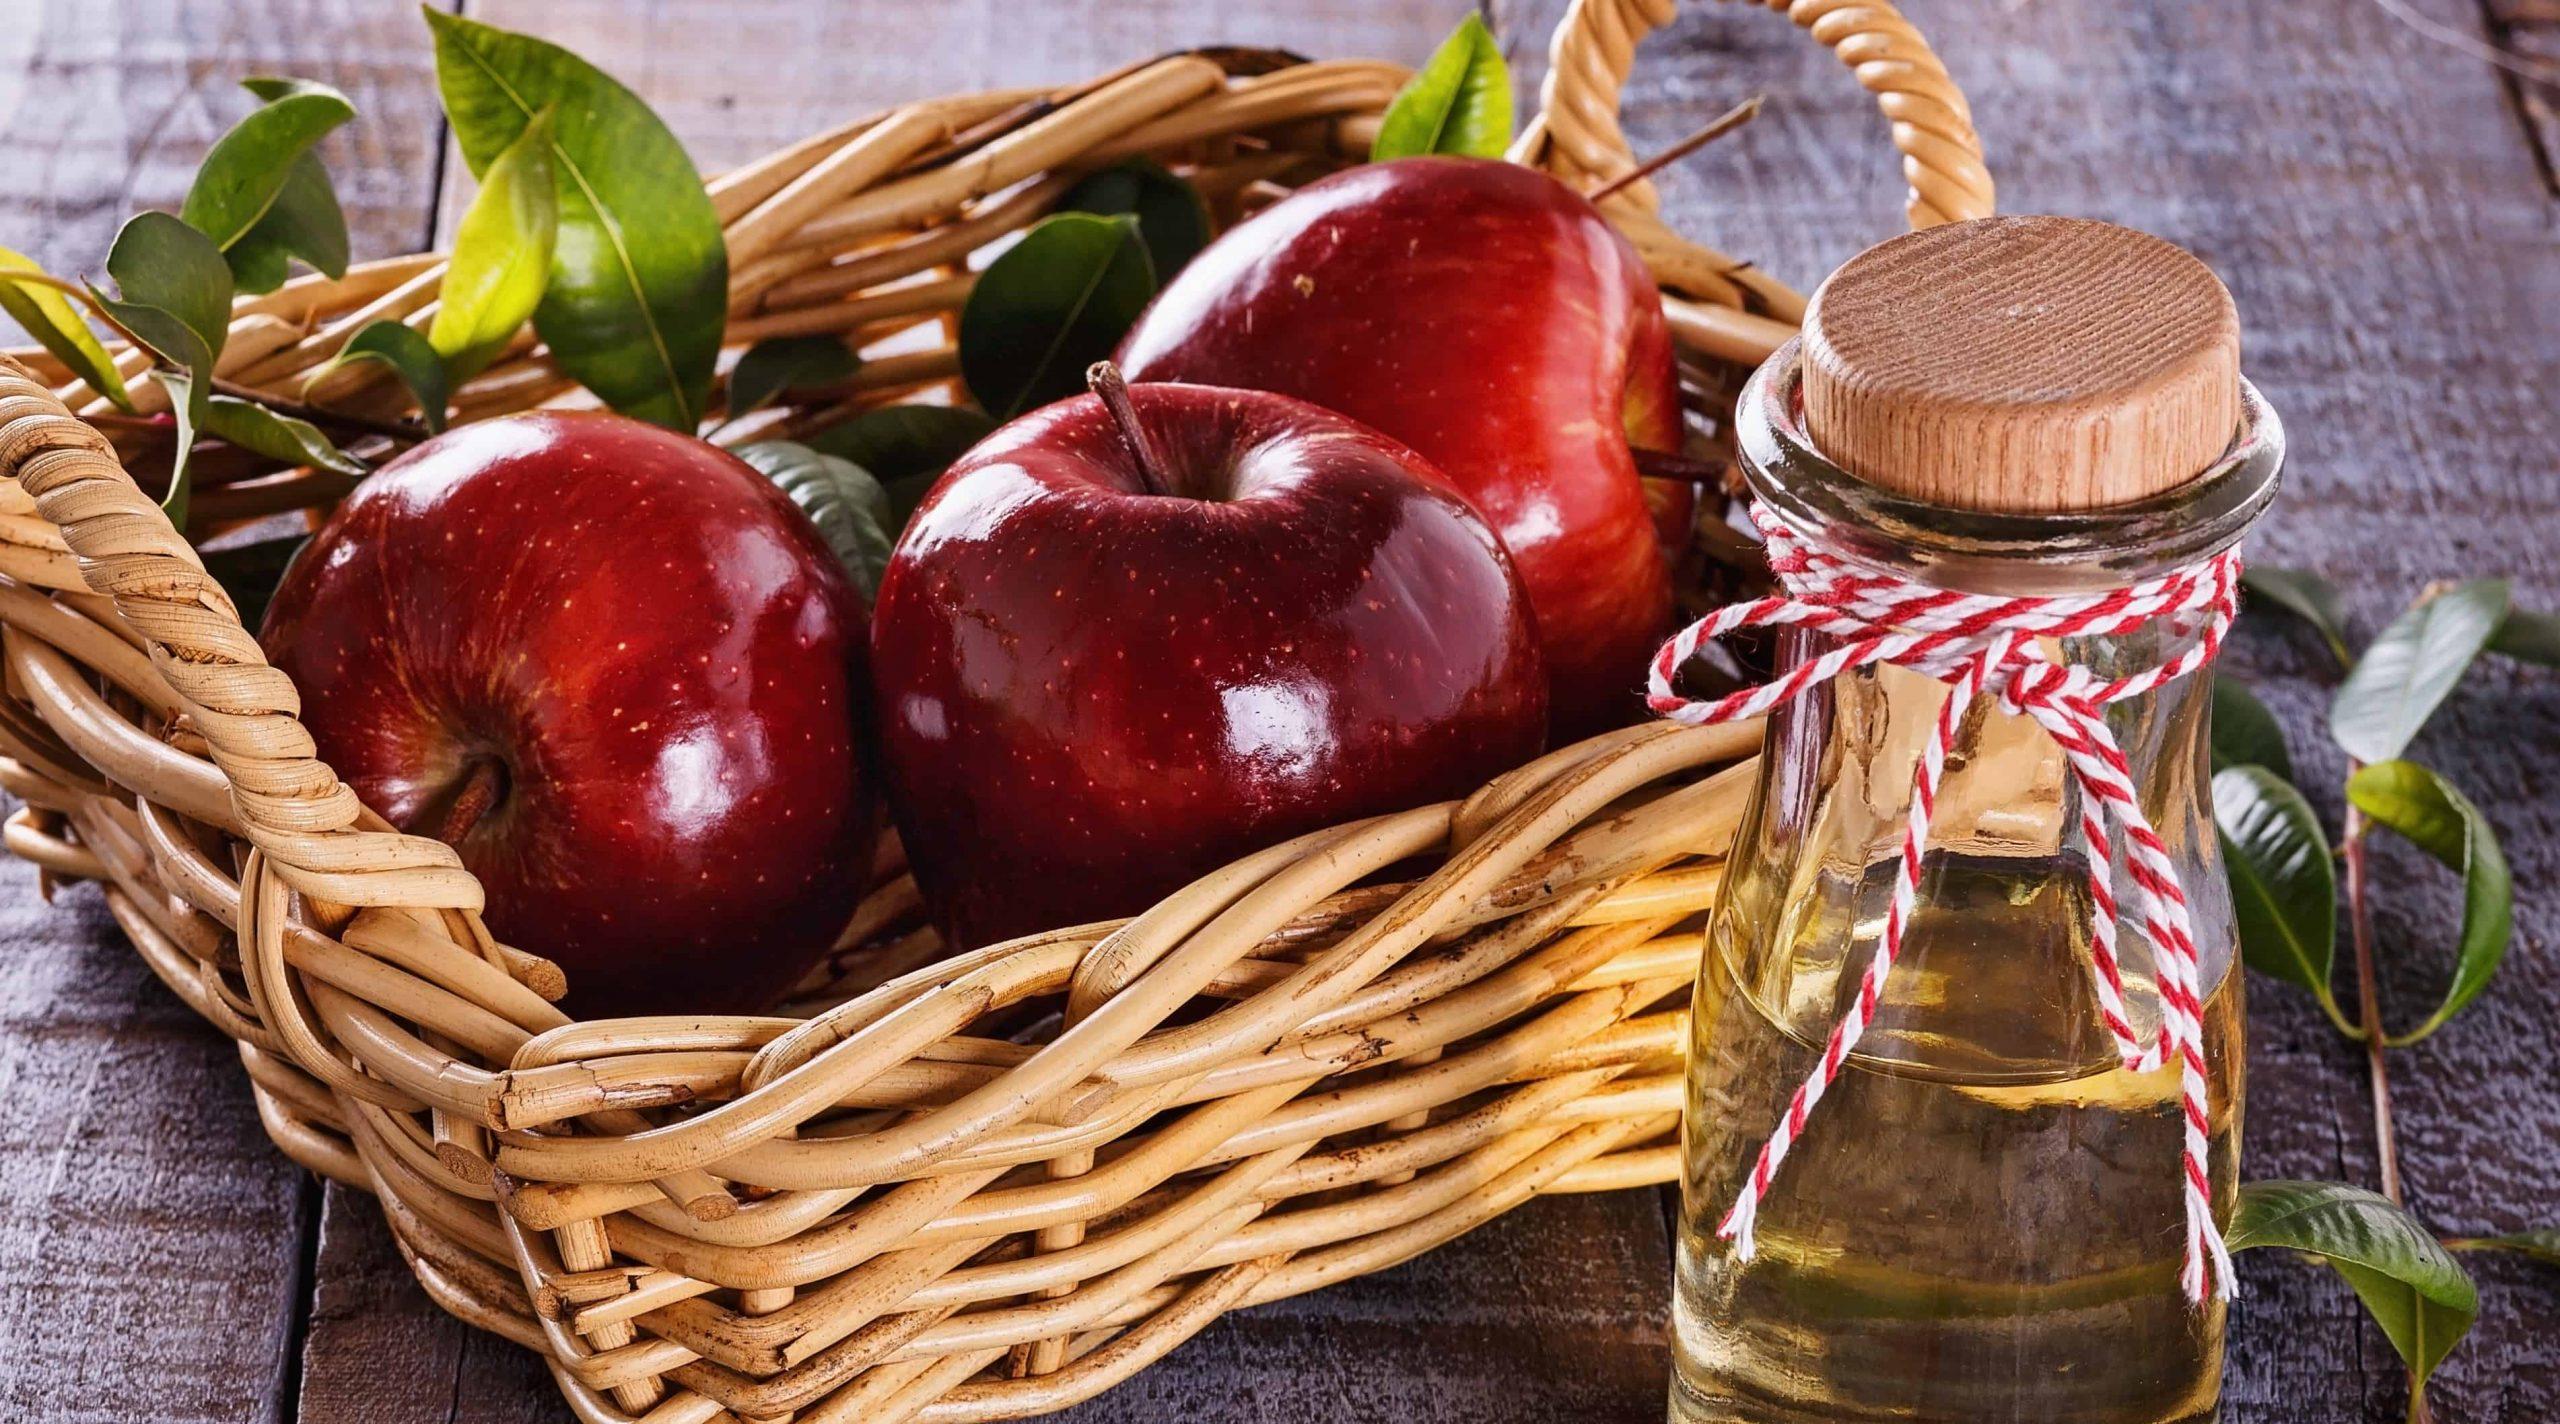 contraindicaciones del vinagre de manzana y miel